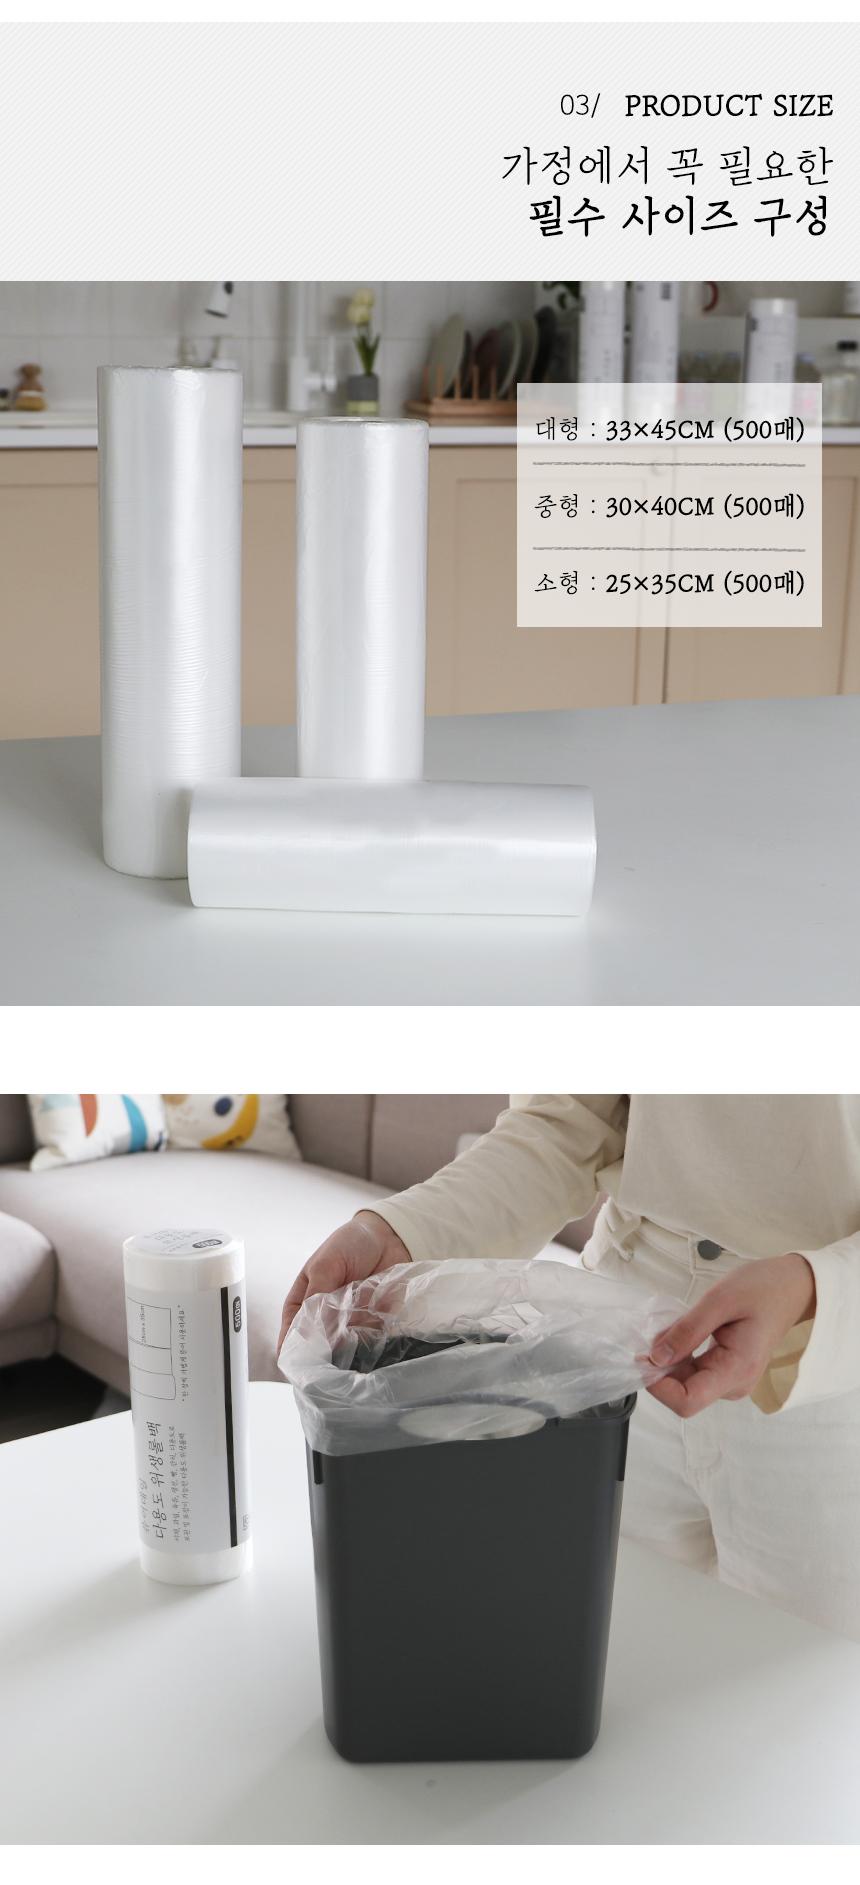 퓨어데일 다용도 위생롤백 25x35cm 500매 - 더홈, 12,900원, 주방소품, 주방 소모품